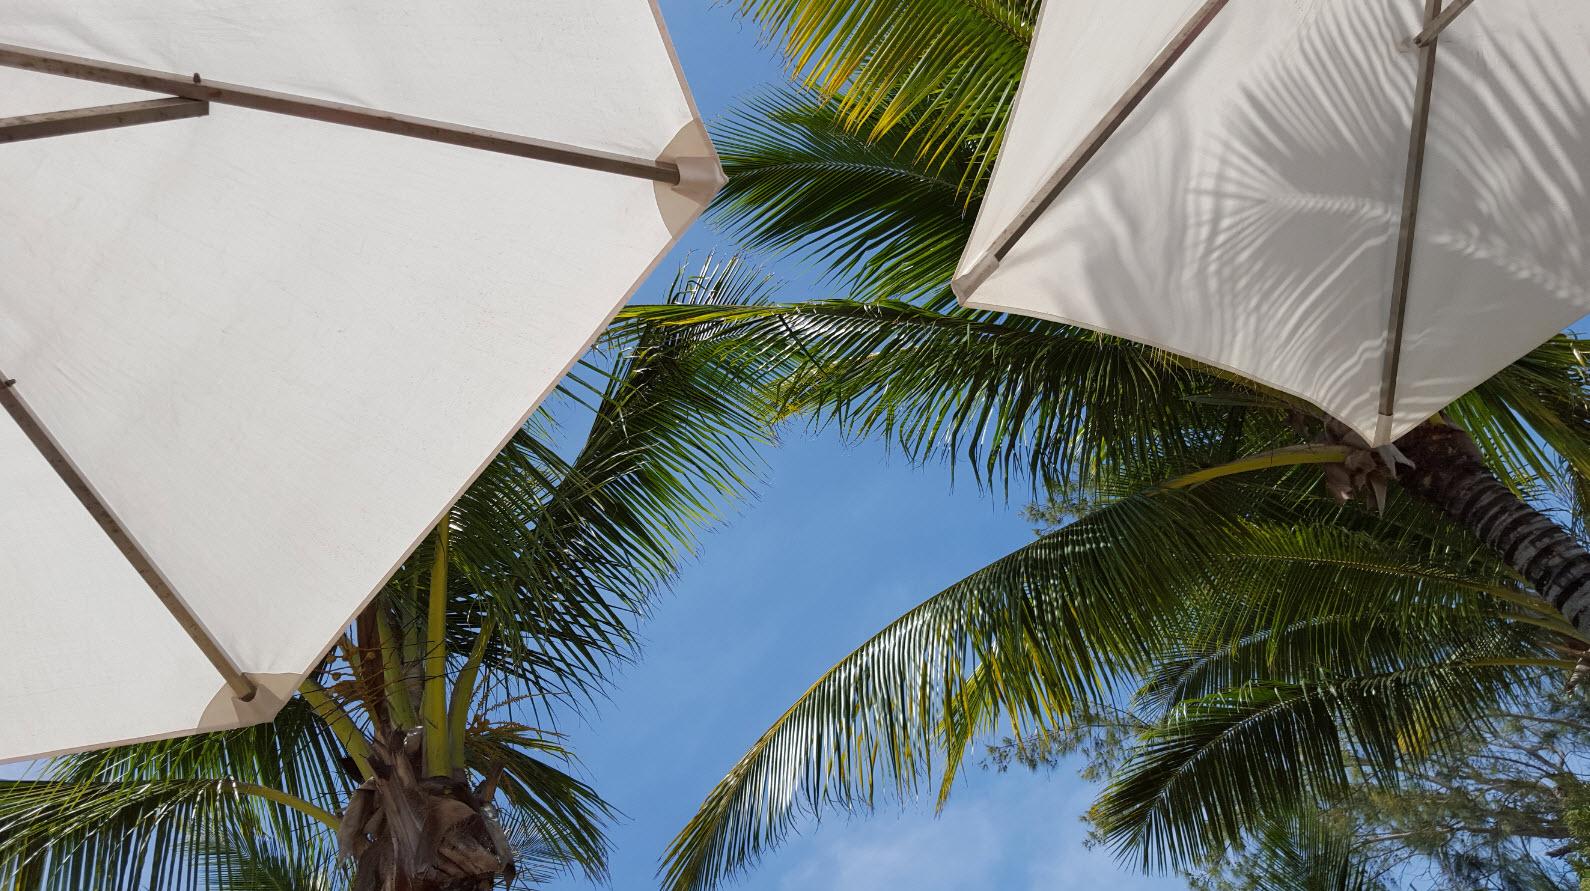 Vacances dans un hotel de luxe à Maurice